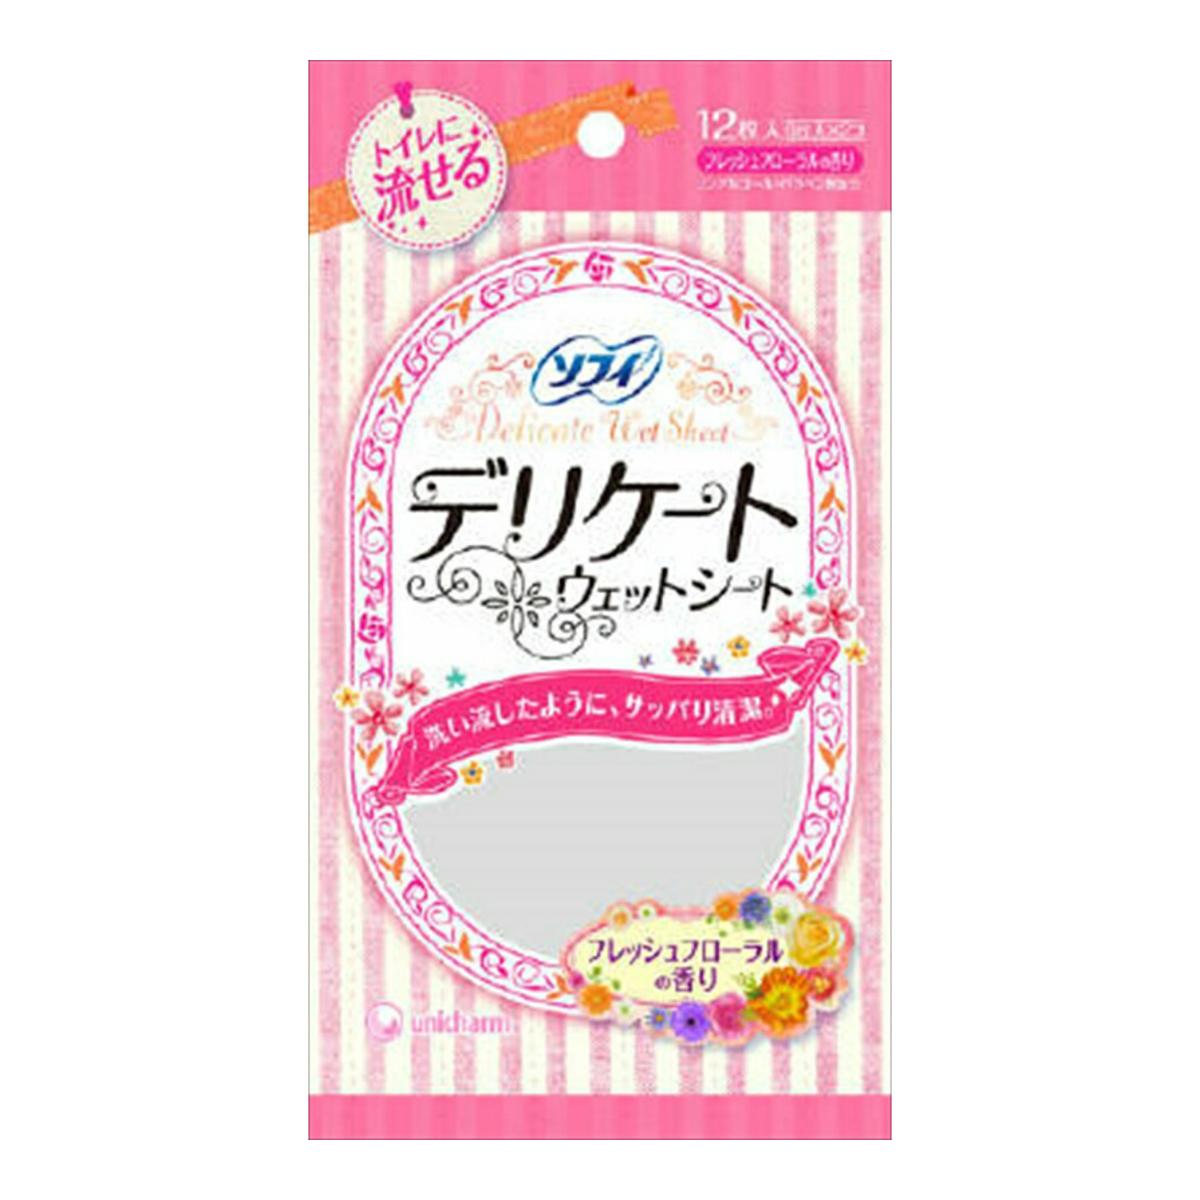 【送料無料】ユニチャーム ソフイ デリケートウェット フローラルの香り 6枚入×2個パック×48点セット ( 4903111387021 )